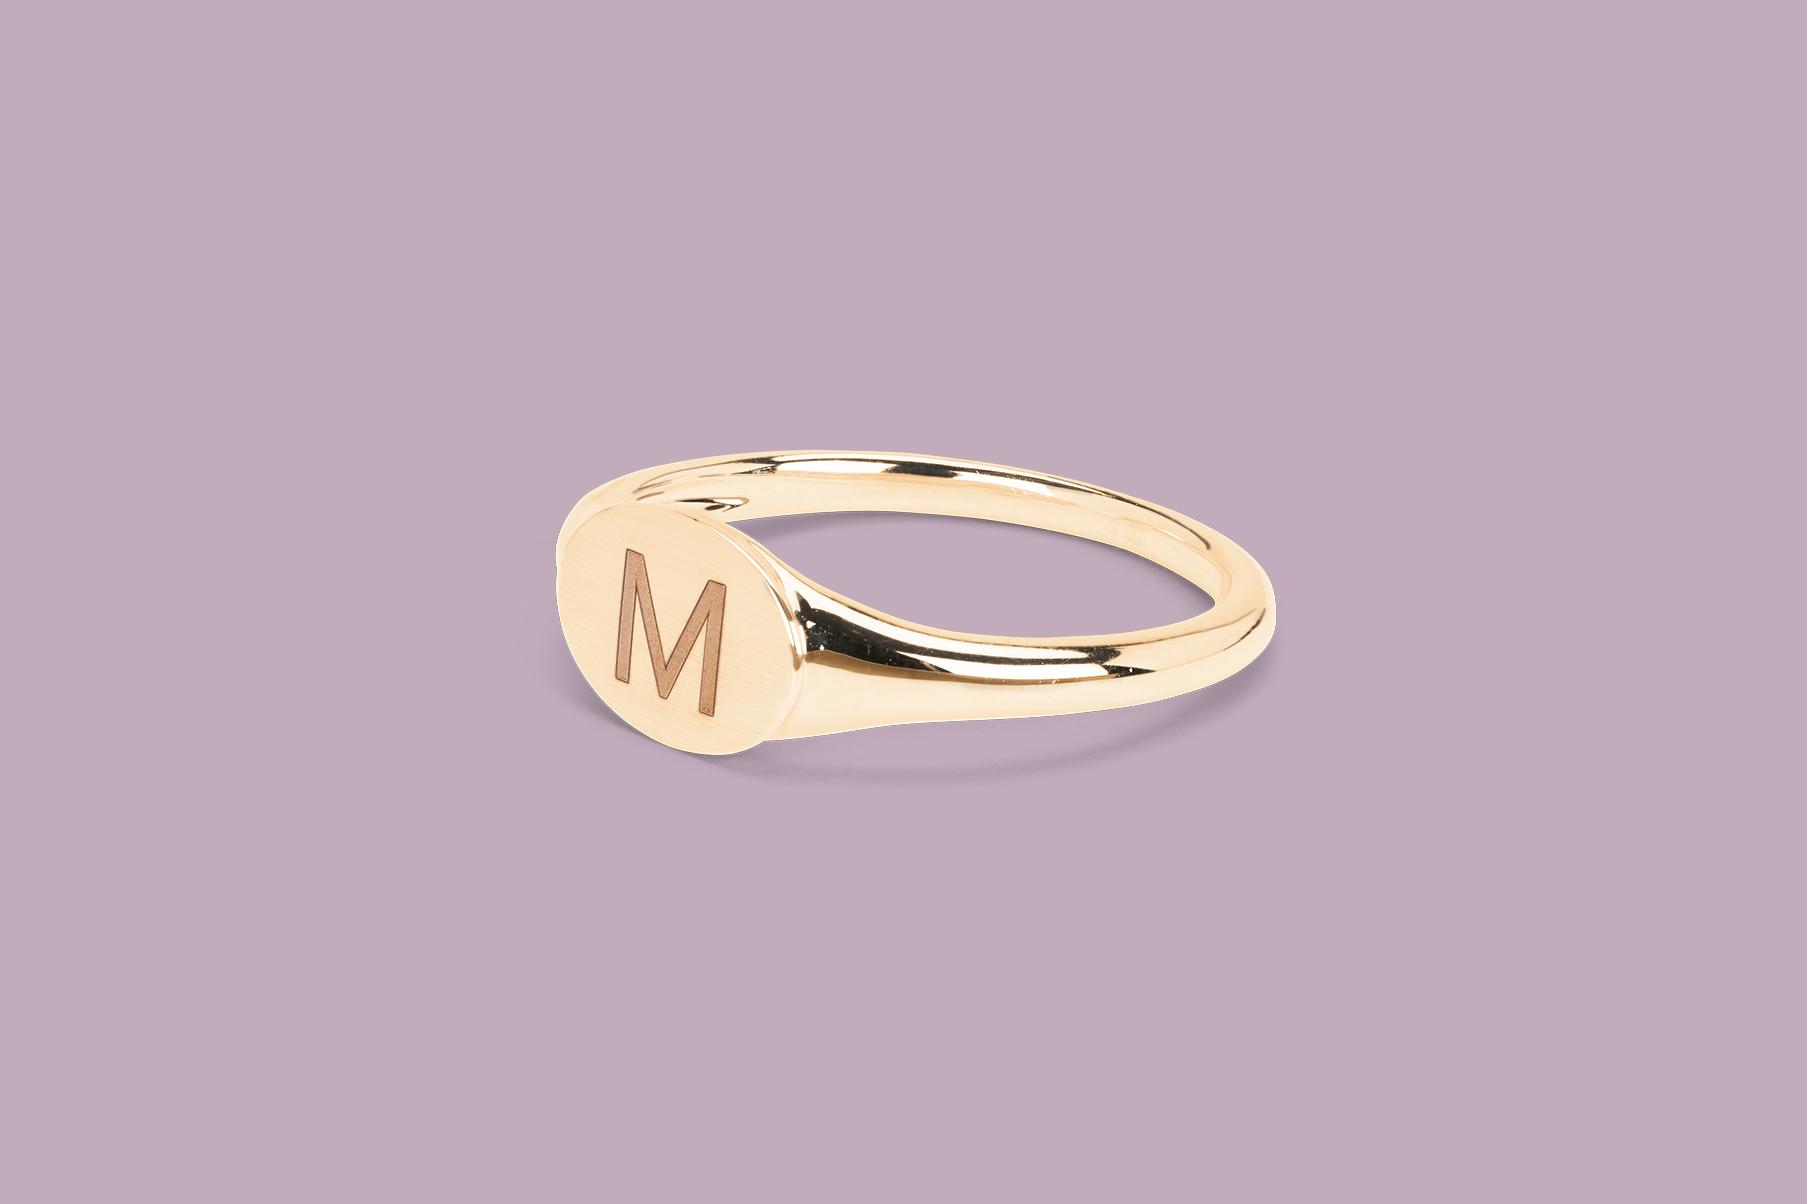 mejuri gold signet ring